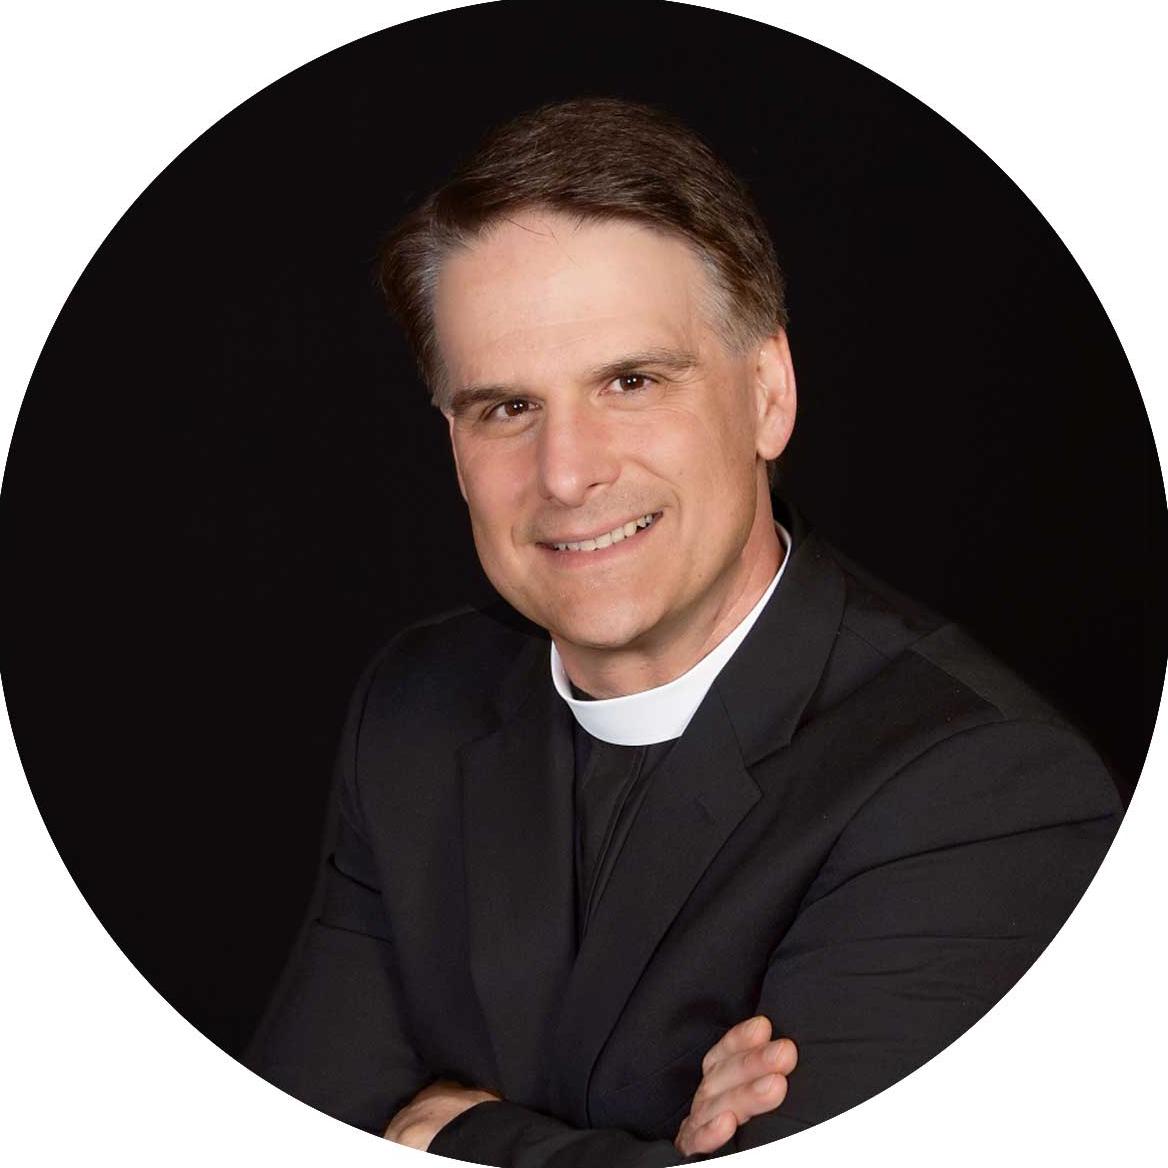 The Rev. Fr. Arthur Ward Jr